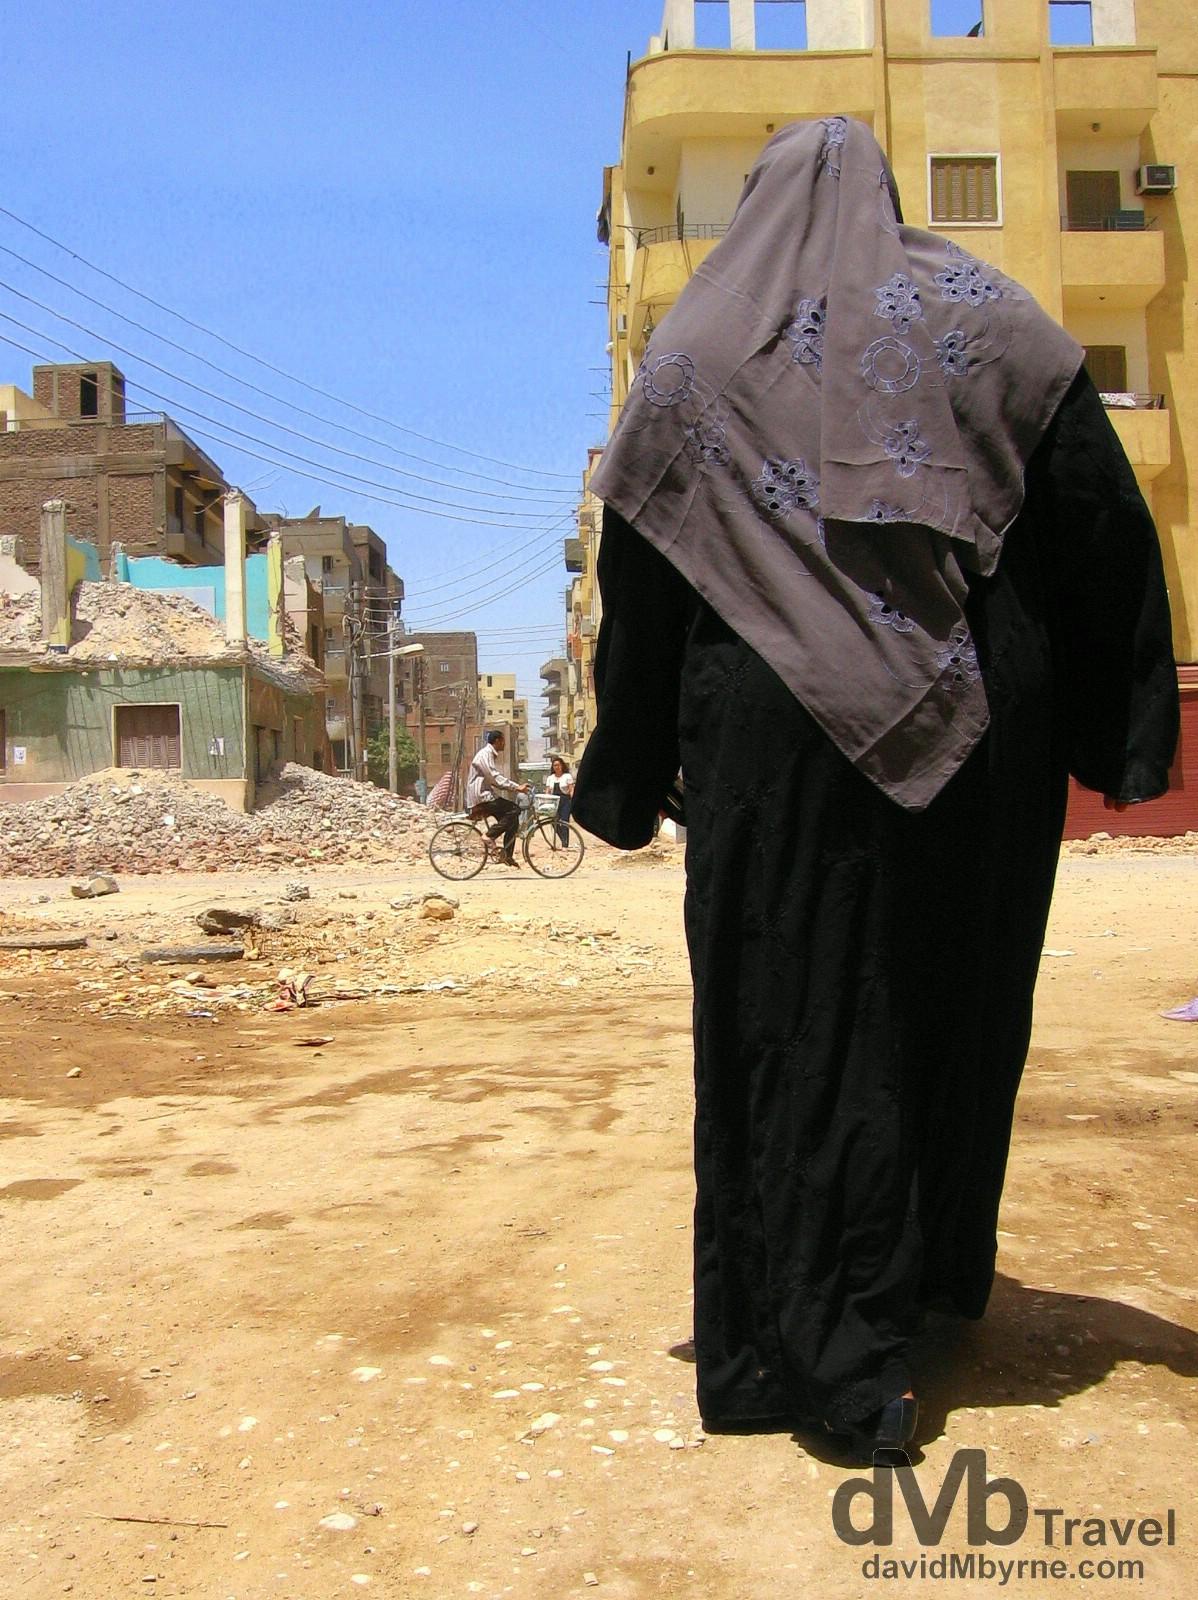 Walking on Mohammed Farid in Luxor, Egypt. April 11, 2008.